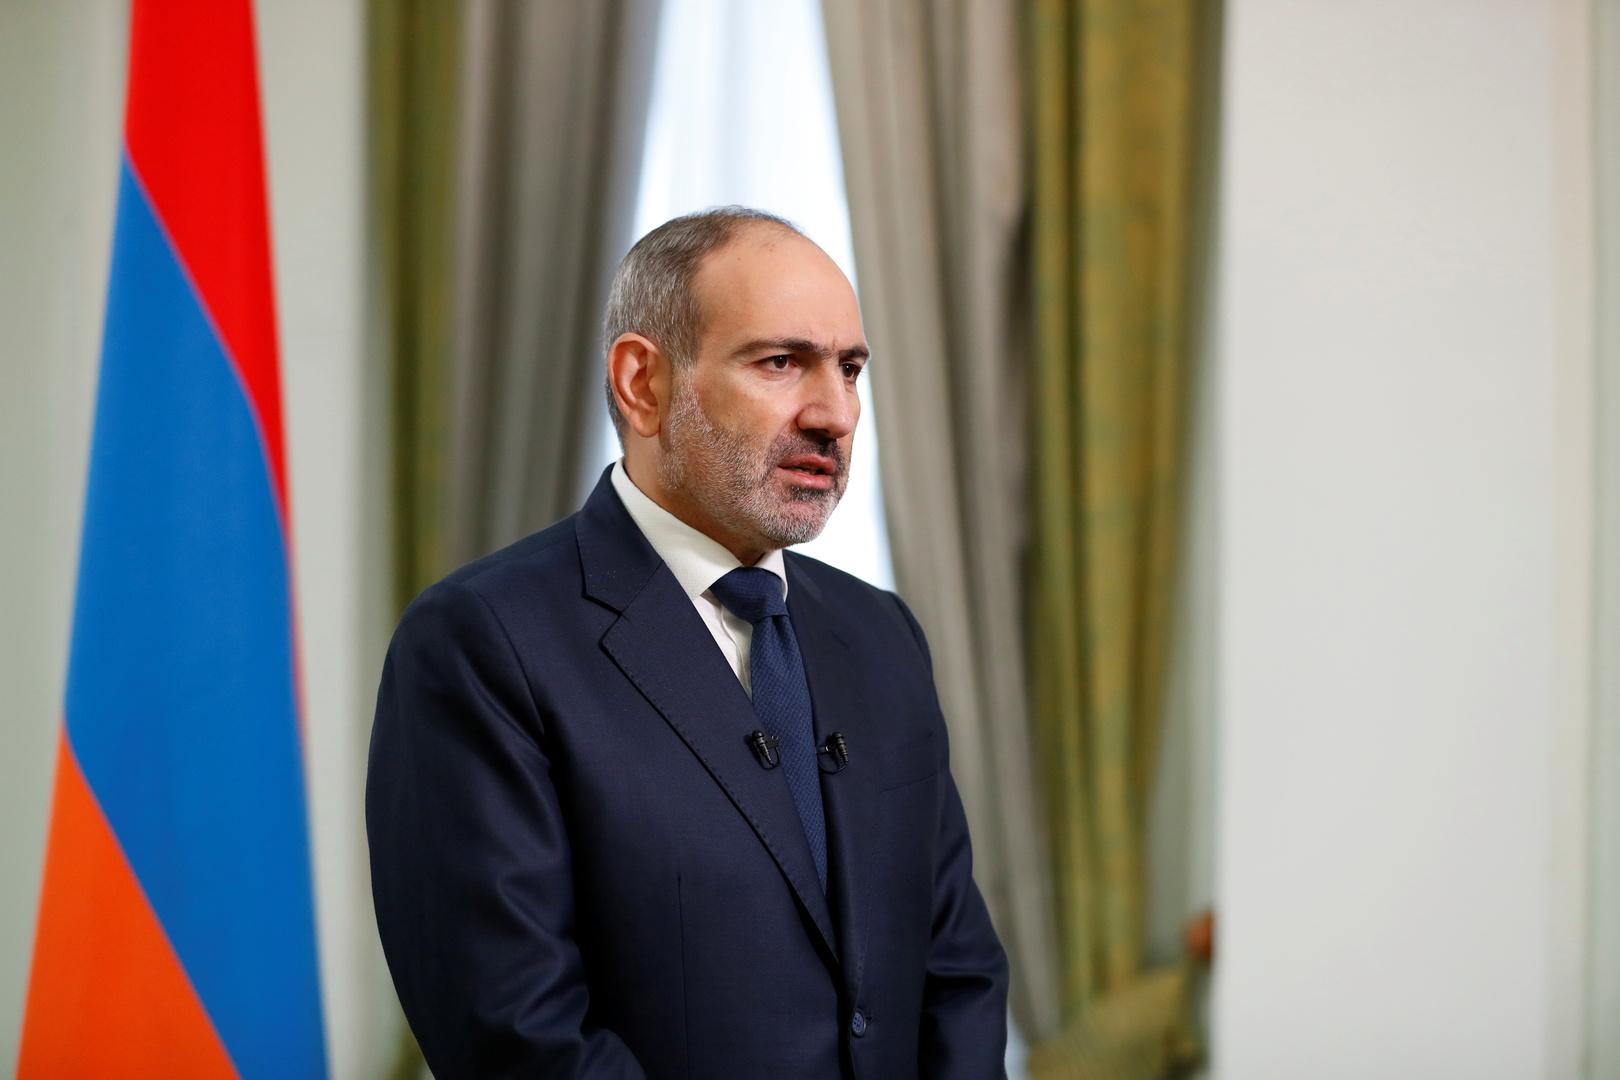 باشينيان: آخذ على عاتقي كامل المسؤولية عن الوضع المستقبلي لأرمينيا